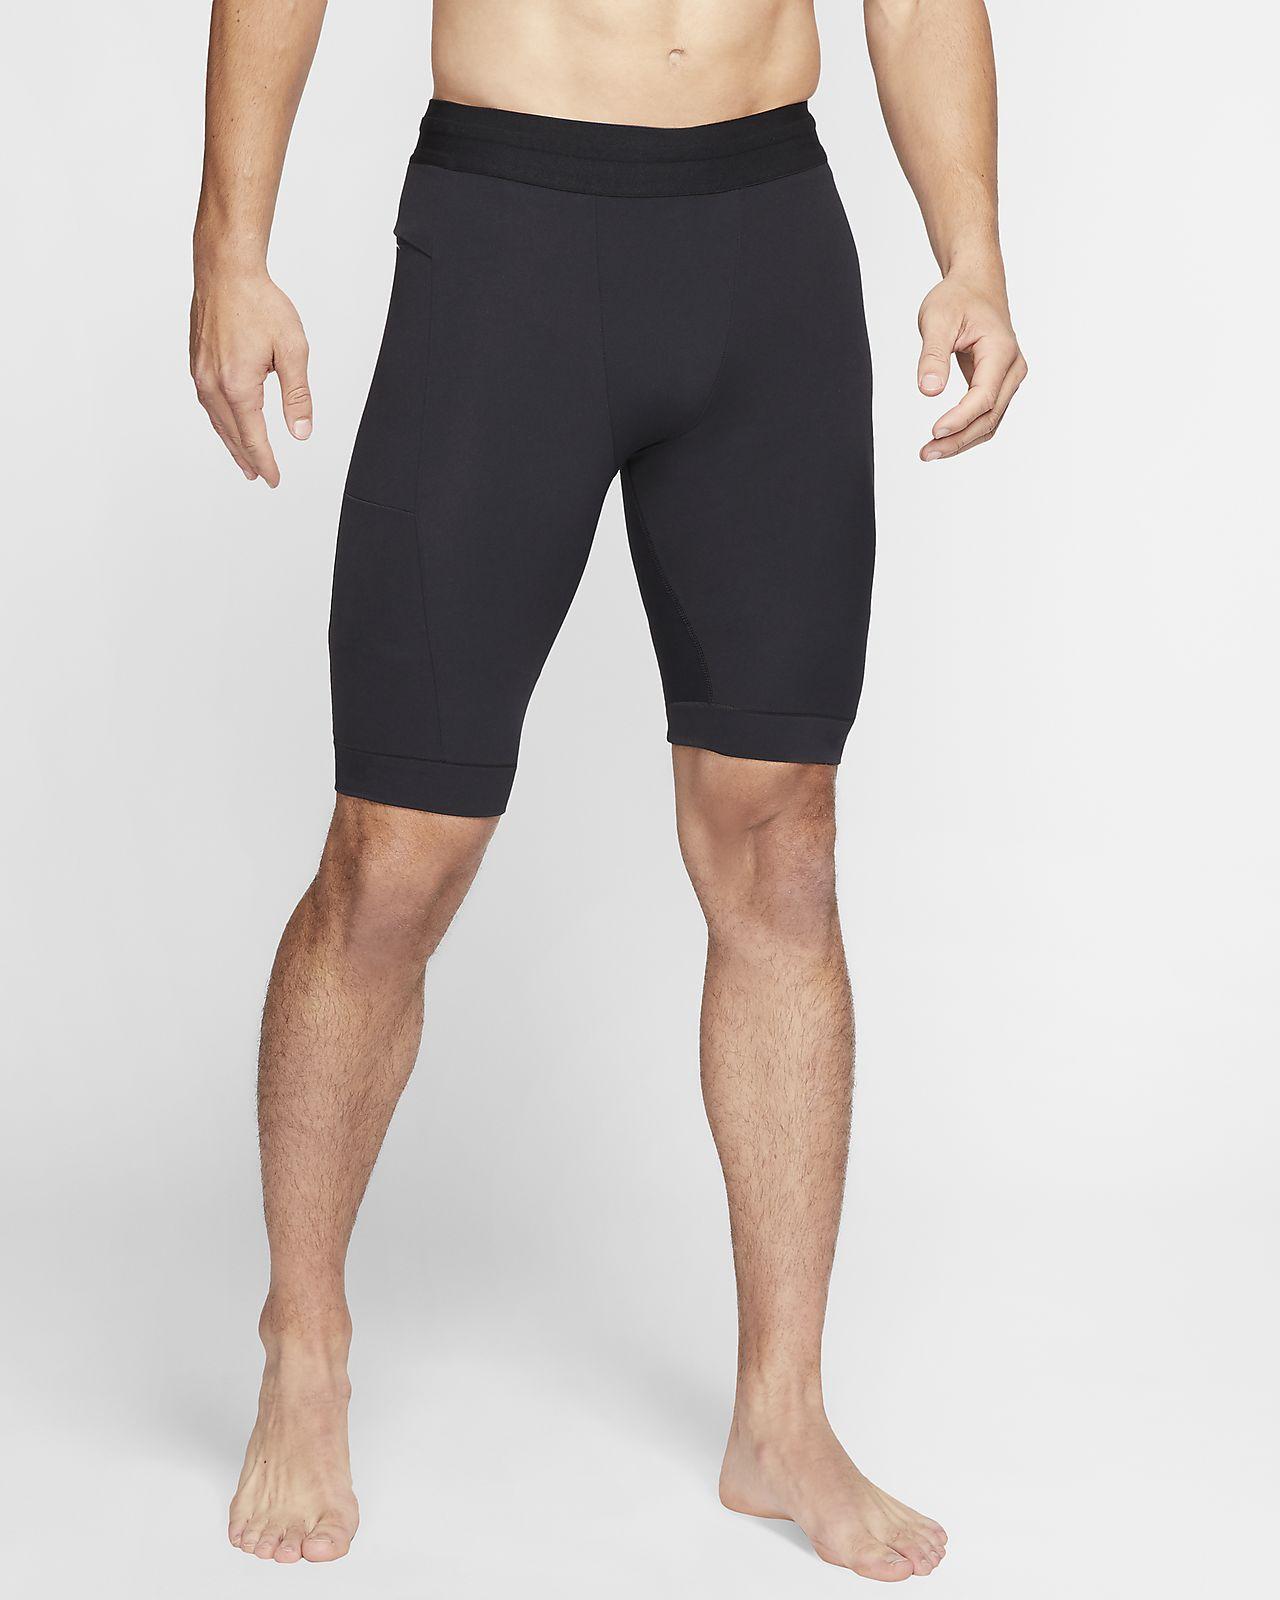 Shorts para hombre de Infinalon Nike Yoga Dri-FIT